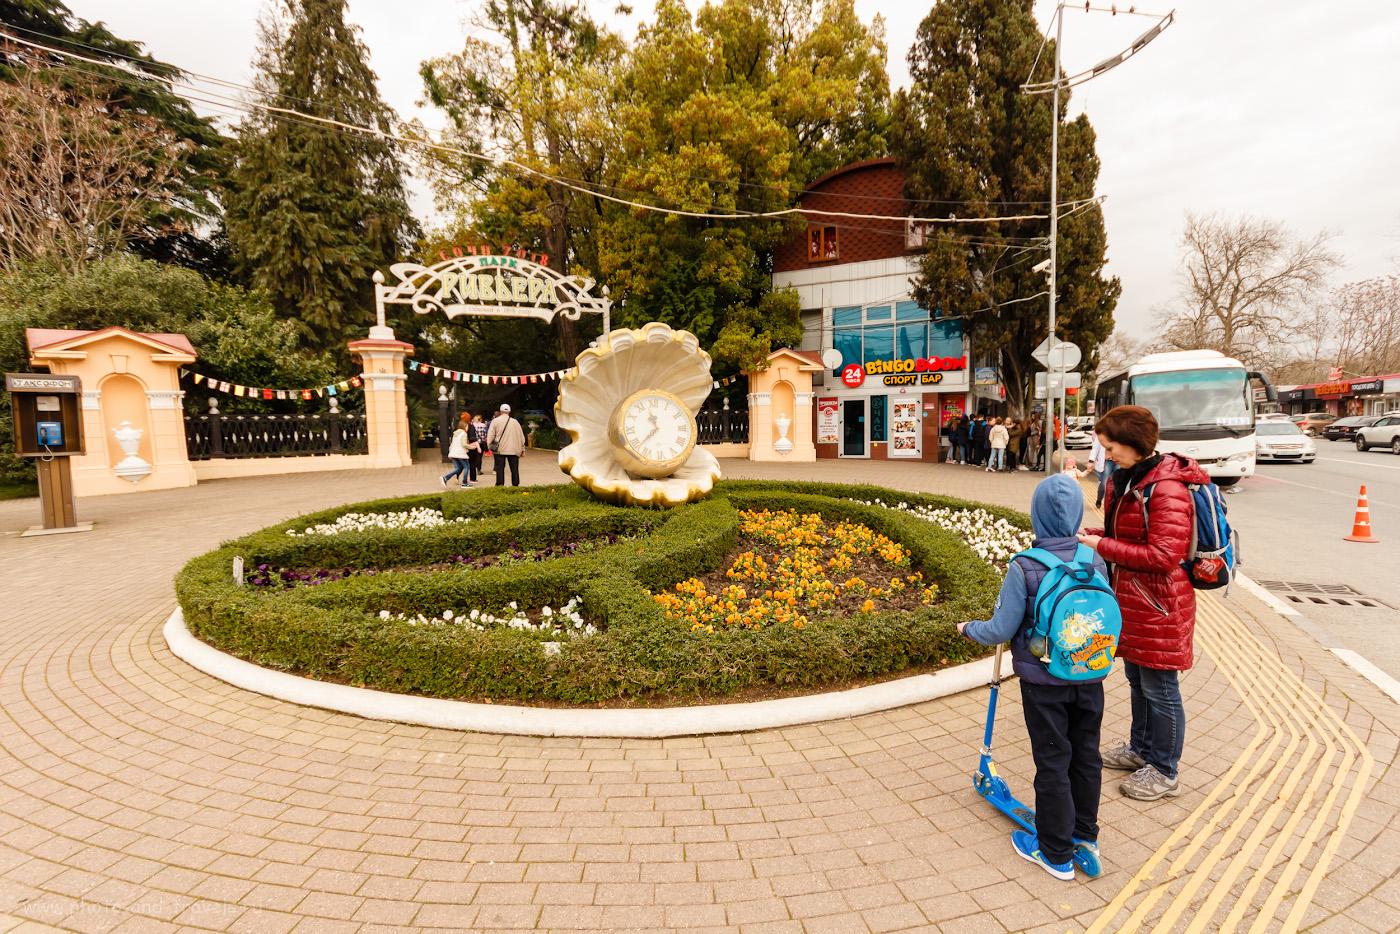 Фотография 22. Главный вход в парк «Ривьера» украшает композиция «Жемчужина с часами». Камера Canon EOS 650D, объектив Sigma 10-20mm F/4-5.6. Параметры съемки: 1/400, f/6.3, ISO 200, 10мм